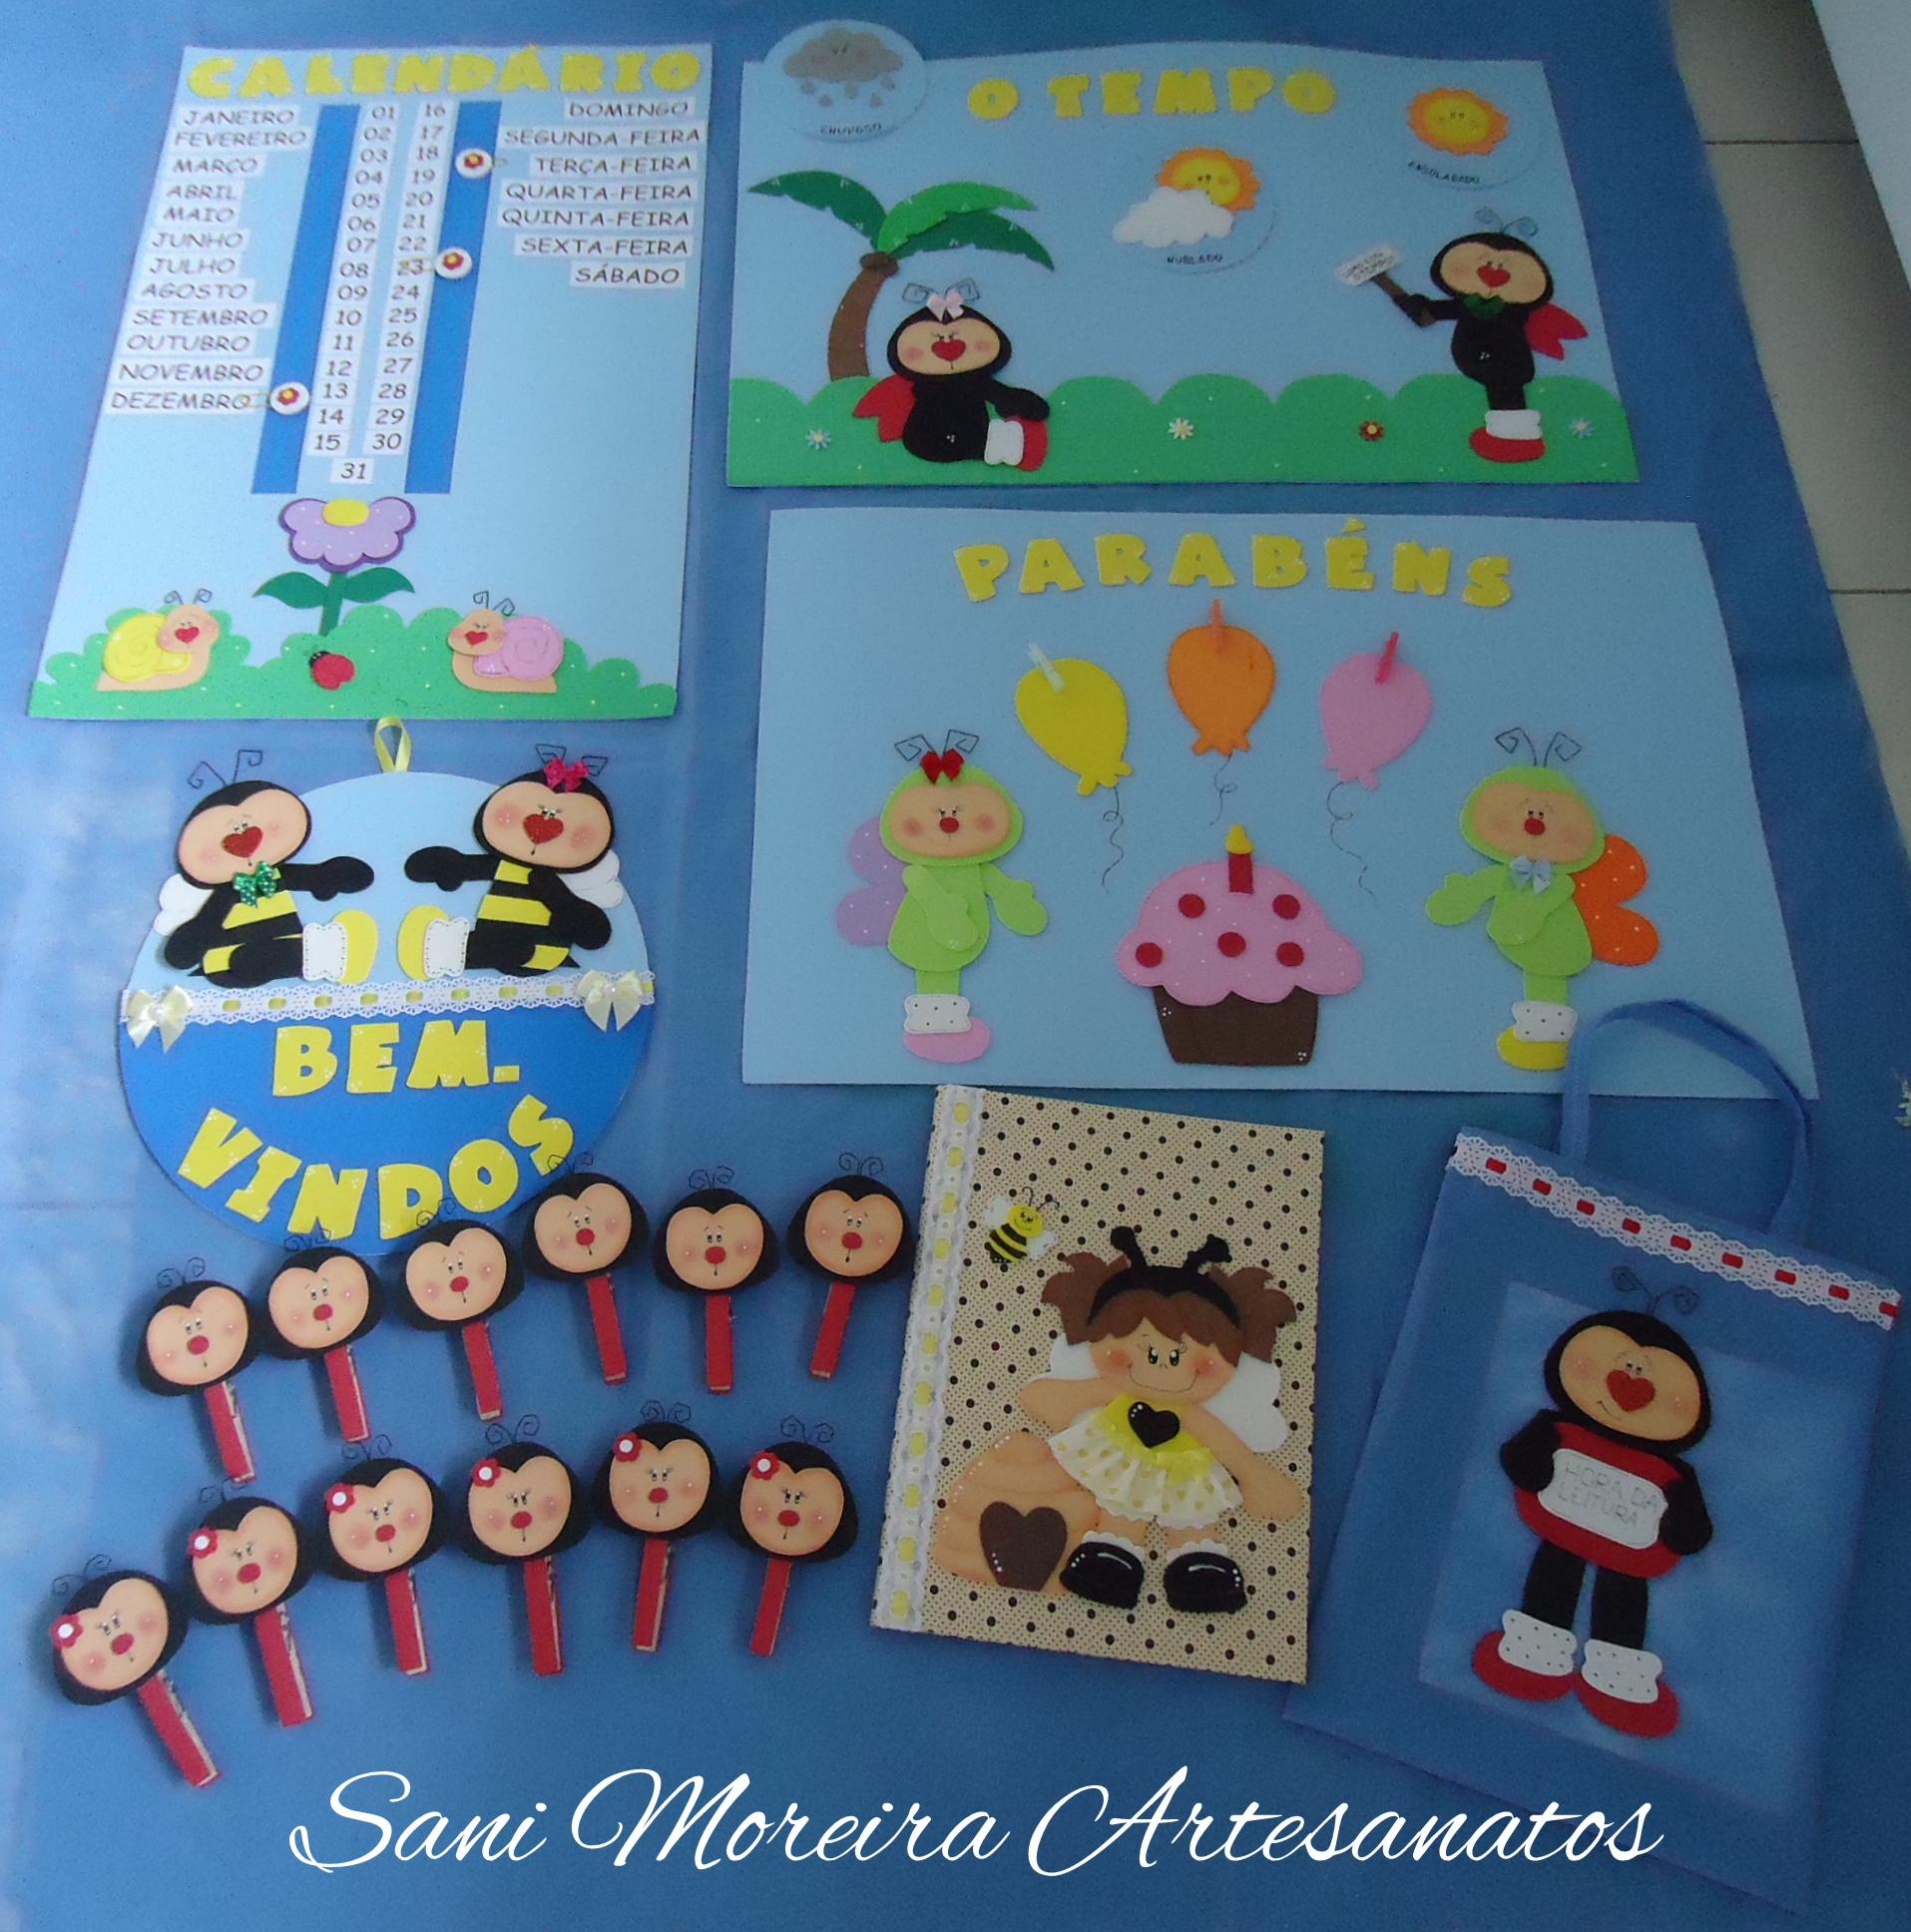 enfeites para sala de aula jardim: pedagogico kit sala de aula 2015 paineis sala de aula kit sala de aula